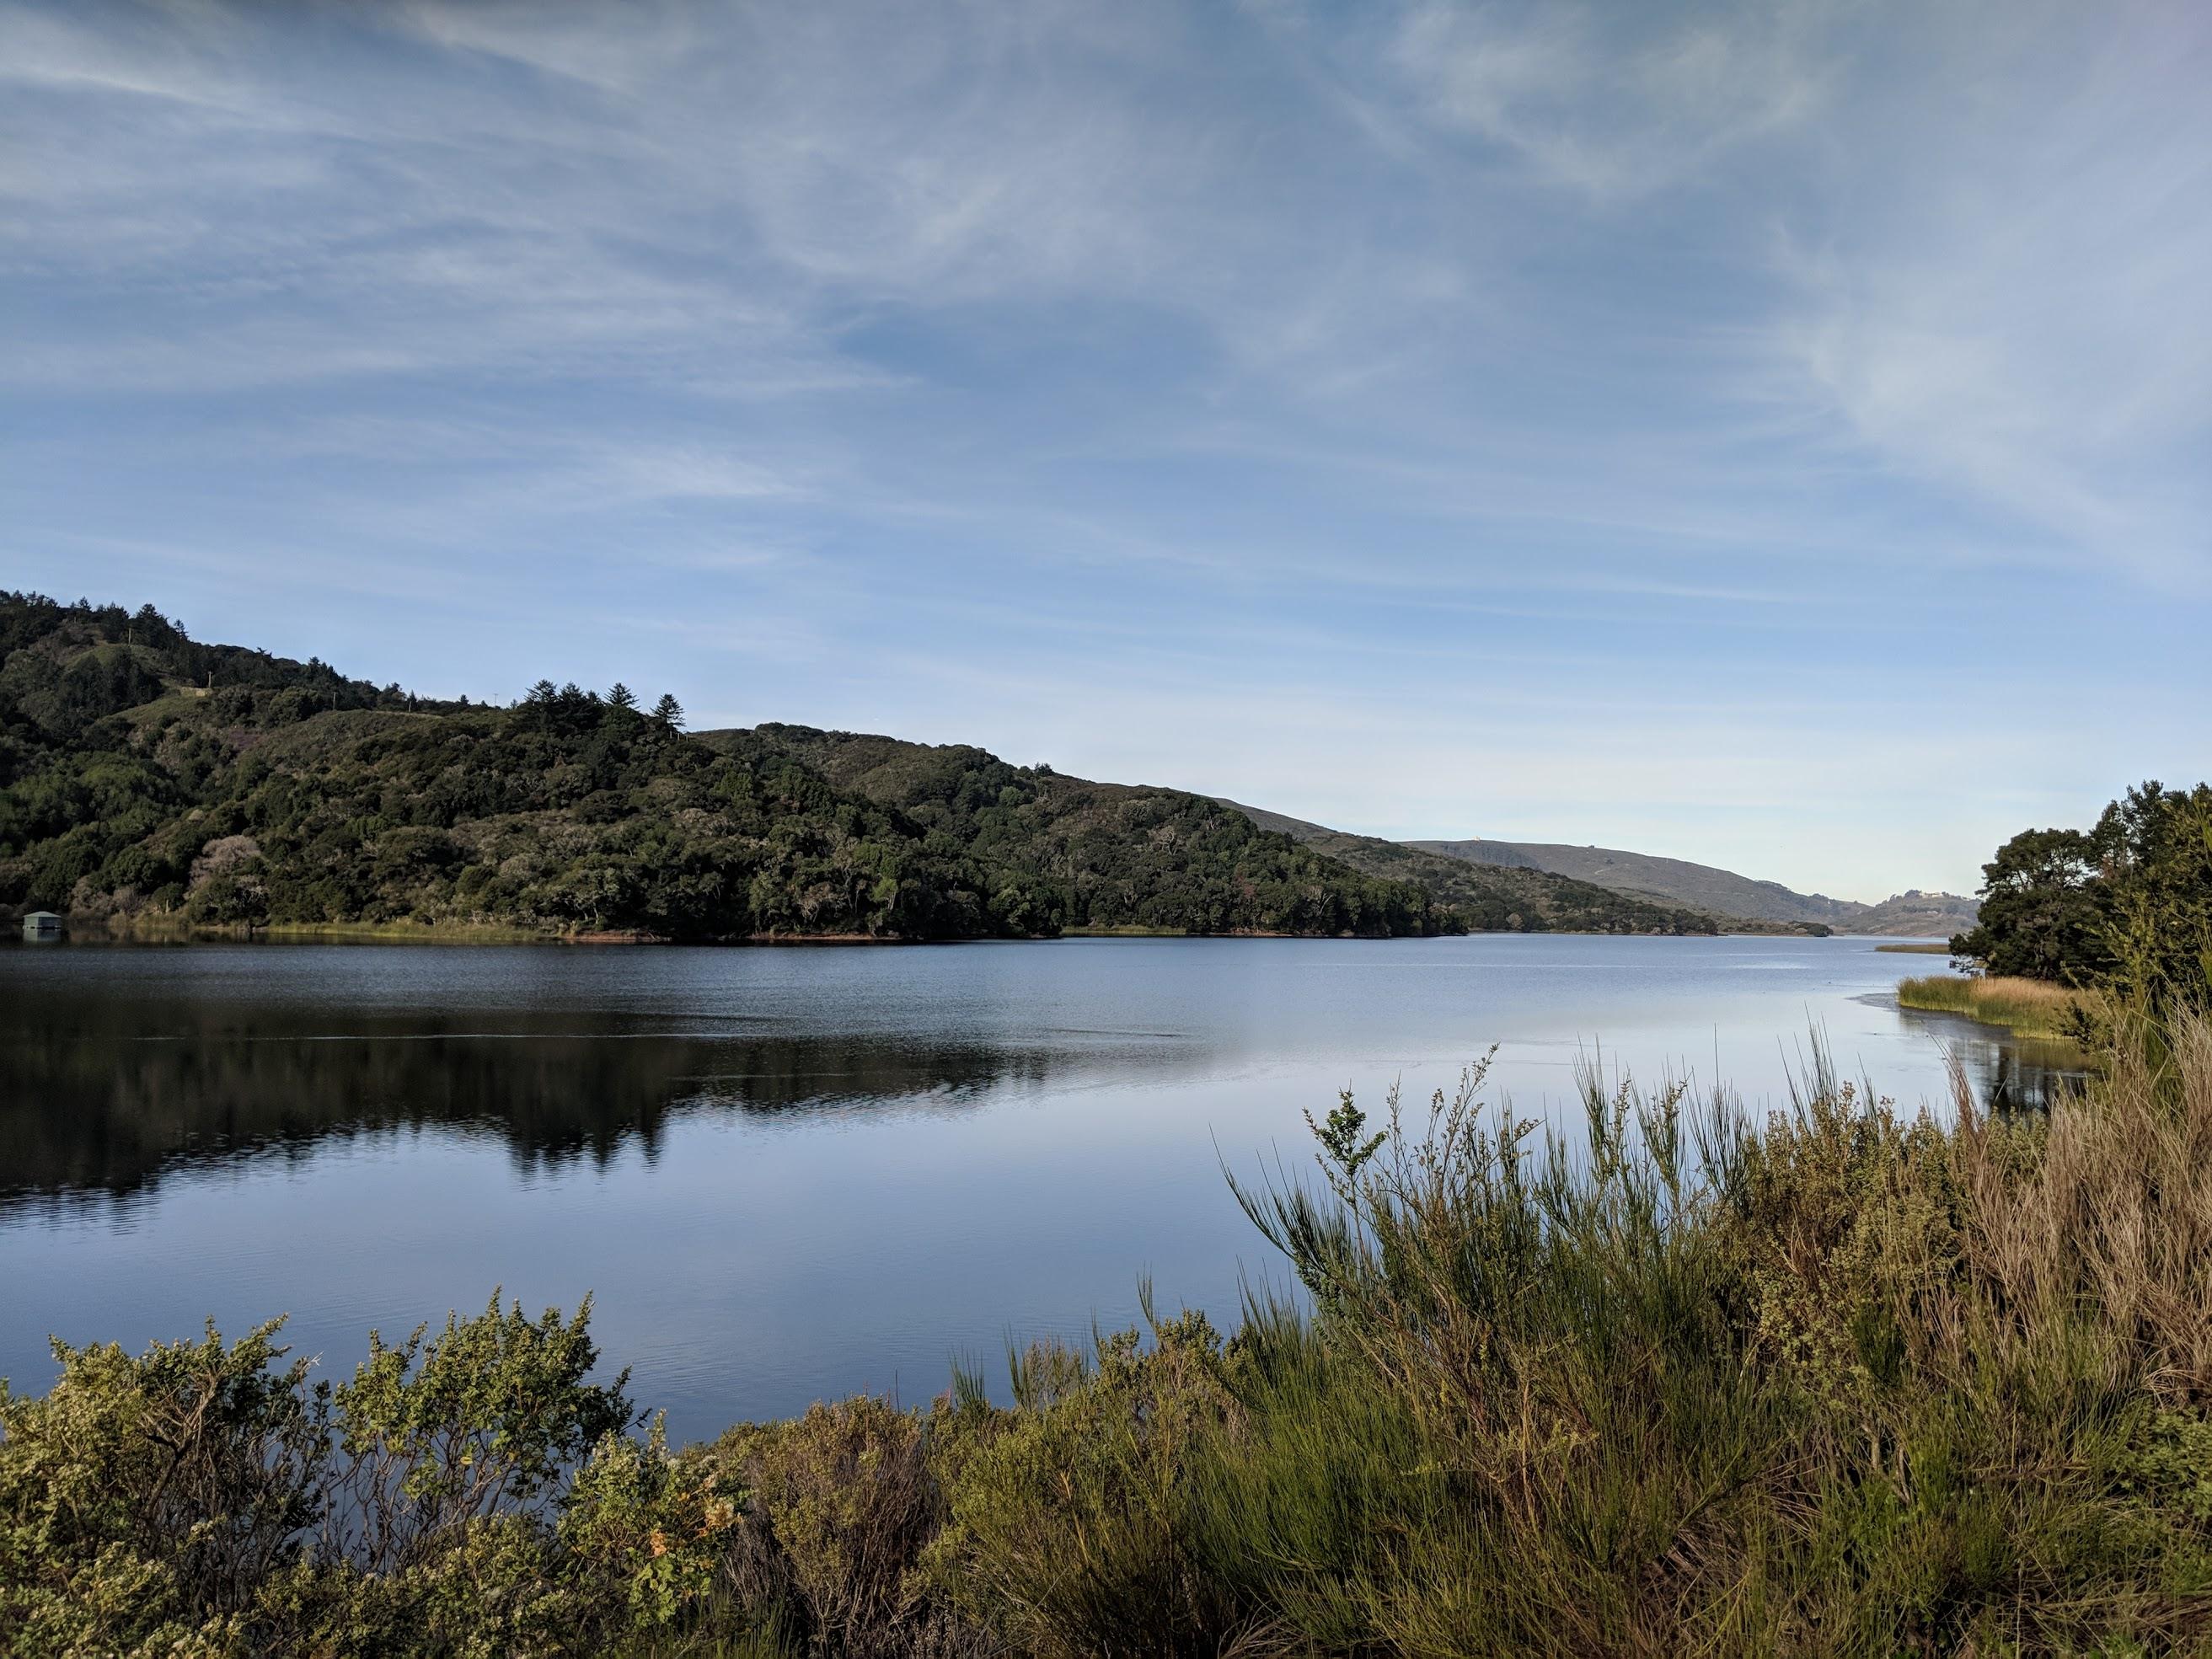 Poco a sud di San Francisco un lago lungo e stretto detto Crystal Spring Reservoir. Il lago occupa esattamente la vallata creata dalla faglia di Sant'Andrea. Lungo il lago, sul lato est, poco lontano dall'autostrada 280 c'è un percorso pedonale e ciclabile assolutamente spettacolare che si chiama Sawyer Camp Trail. È possibile percorrere il trail in direzione nord fino al laghetto successivo che guardacaso si chiama San Andreas Lake. Il sentiero finisce in un parcheggio a fianco all'autostrada dopo circa 10.4 km. Che combinati con il ritorno fanno quasi una mezza maratona.